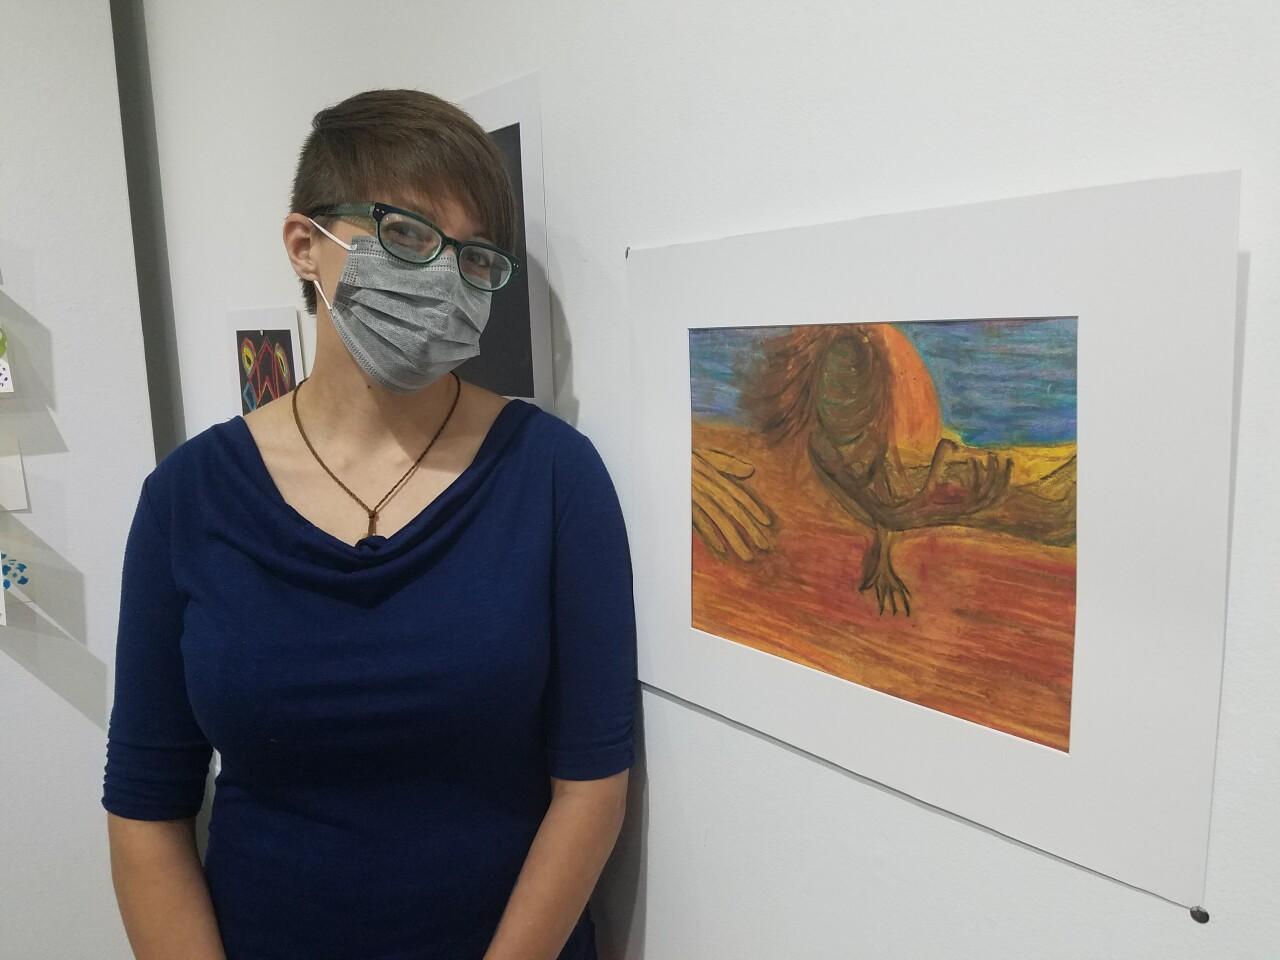 Artist Lisa Santillanez